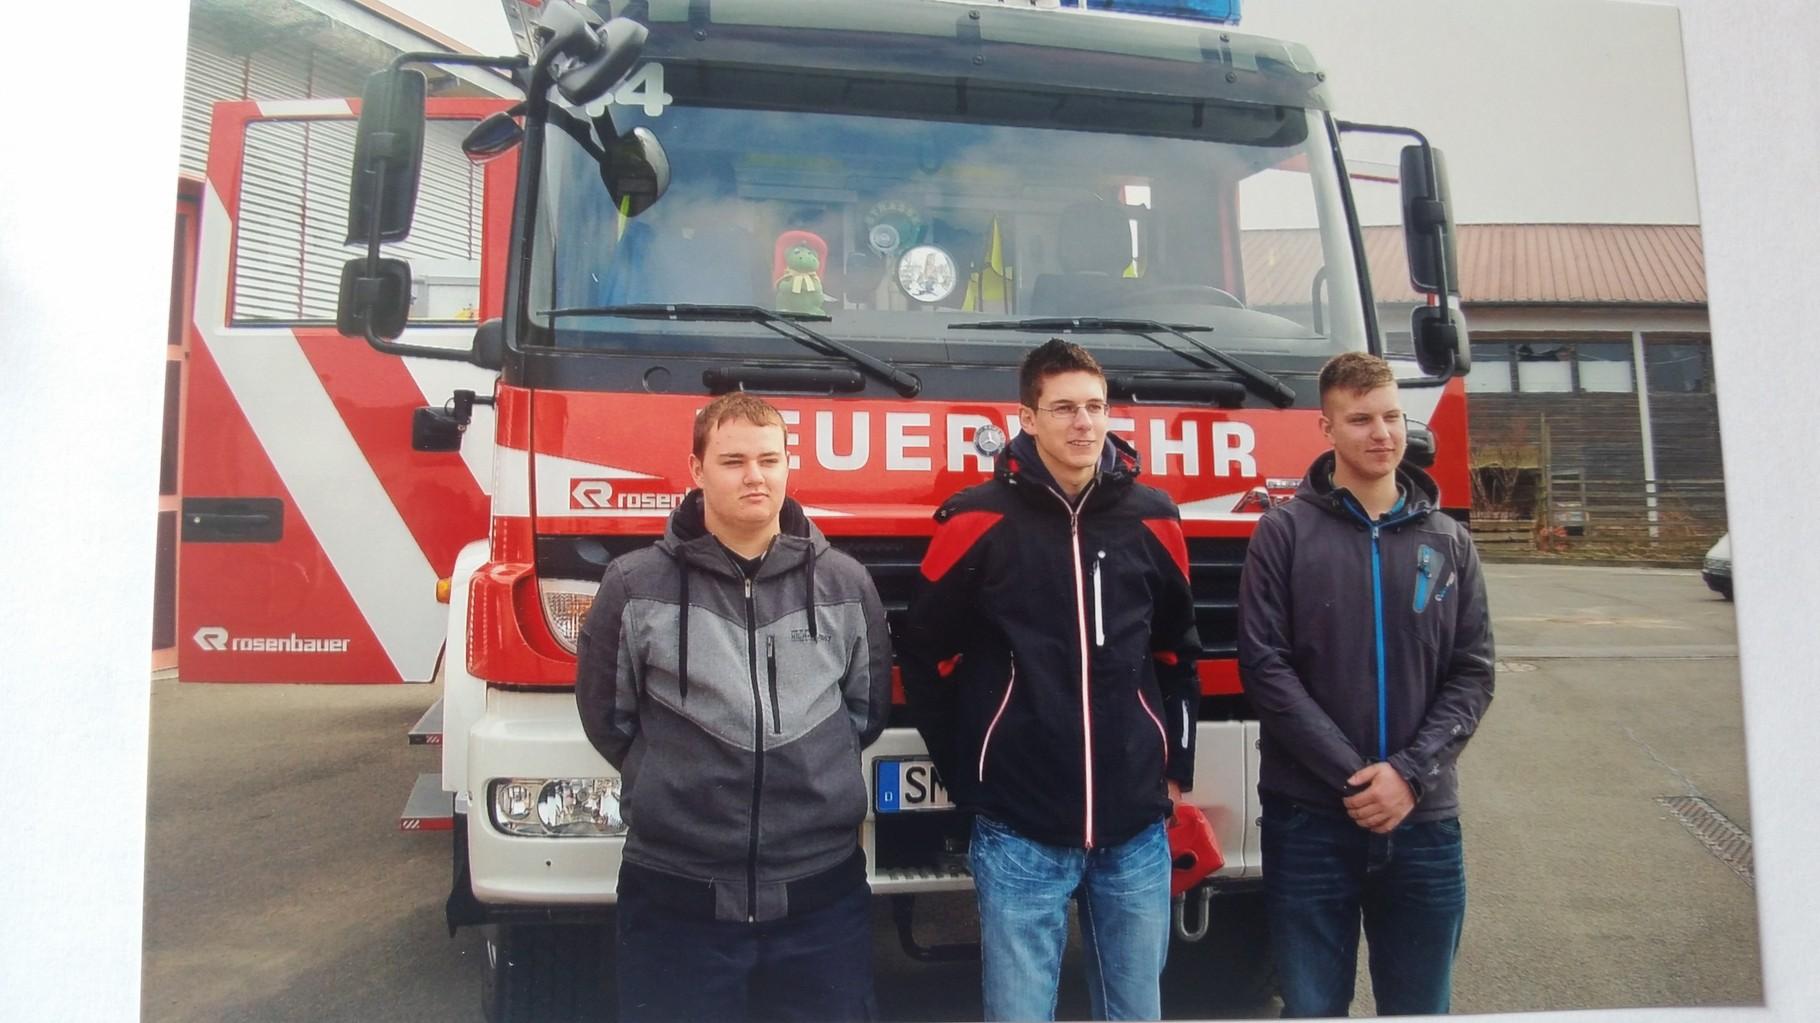 Projektgruppe Feuerwehr